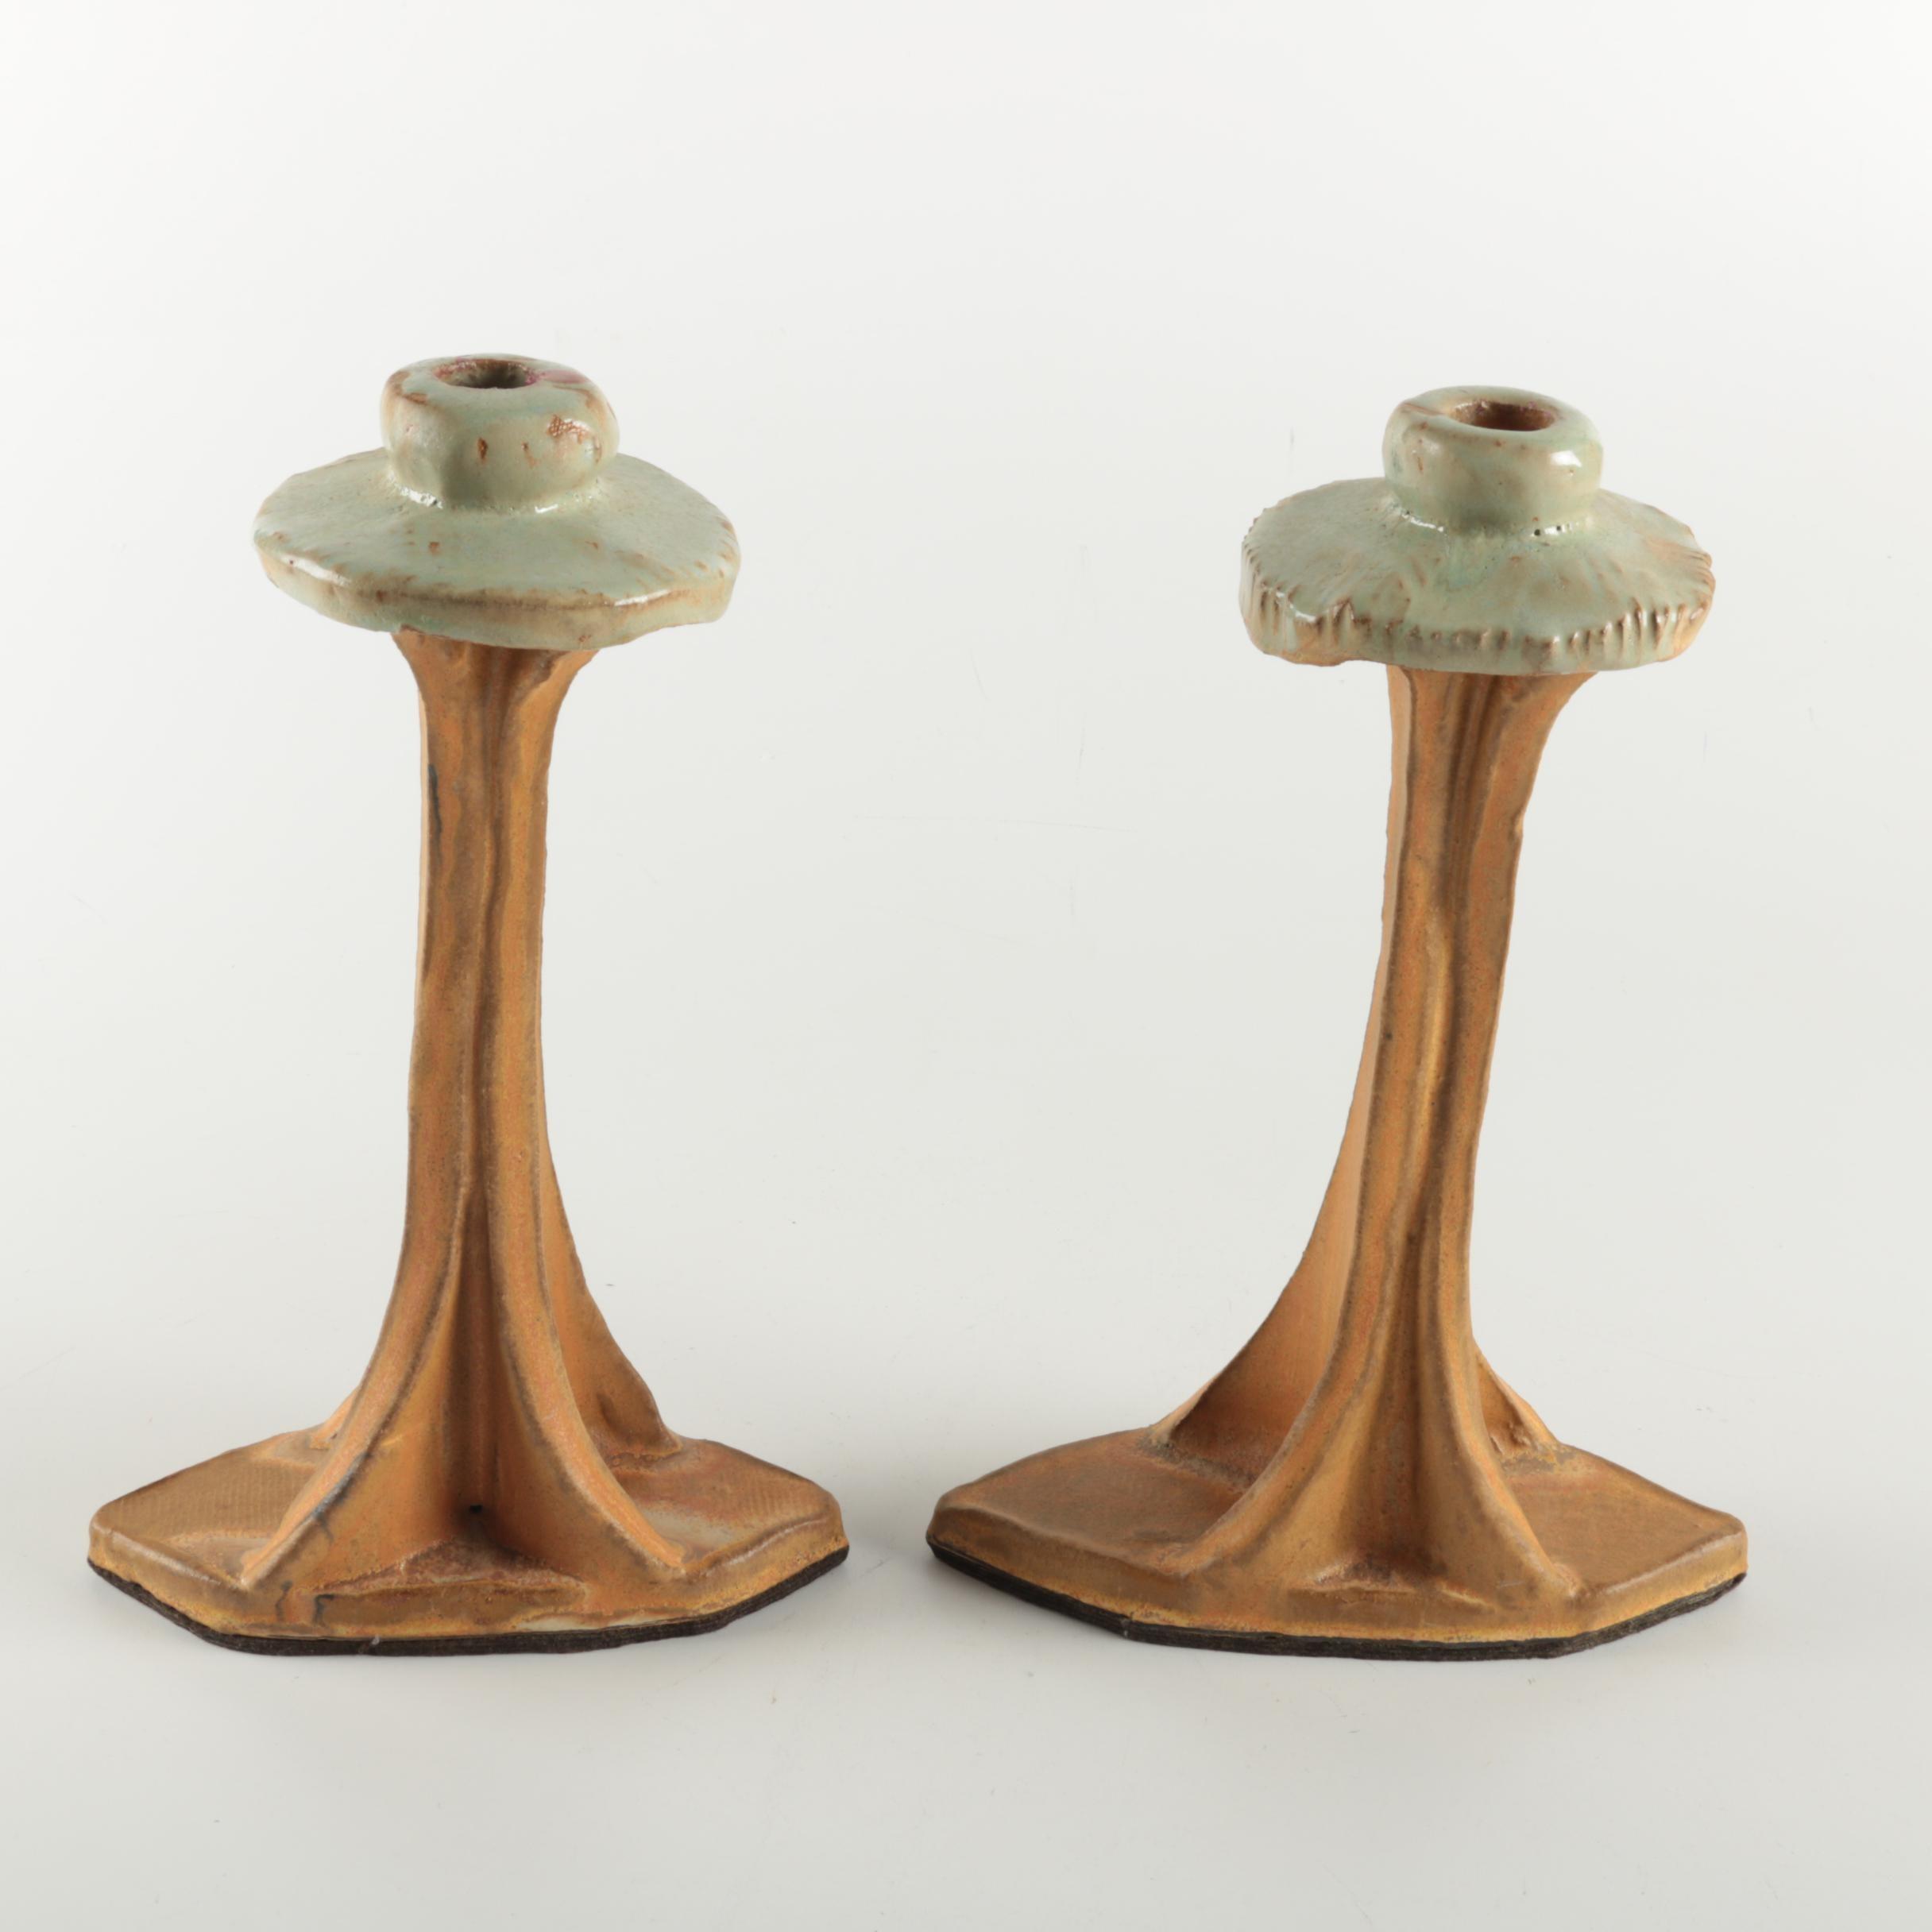 Handmade Ceramic Candlesticks